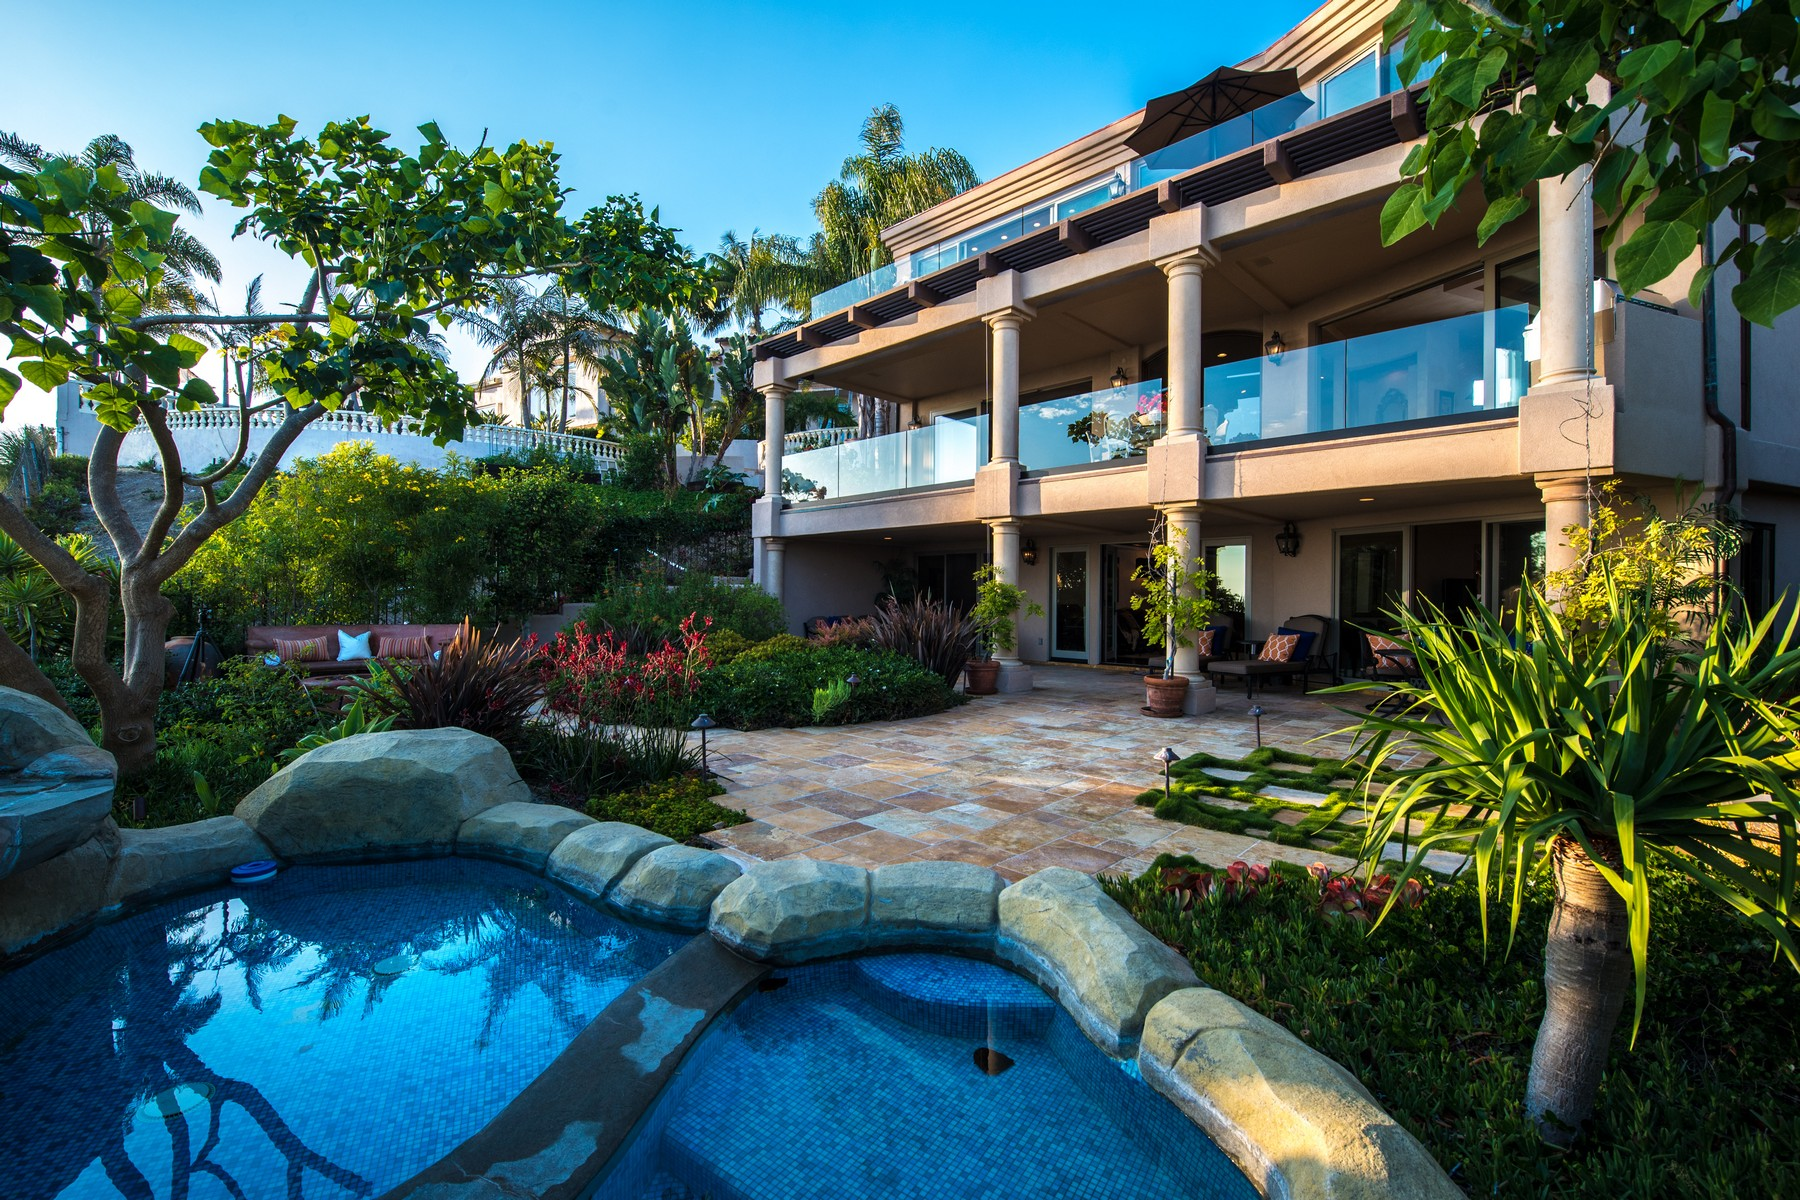 独户住宅 为 销售 在 7240 Encelia Drive 拉荷亚, 加利福尼亚州 92037 美国